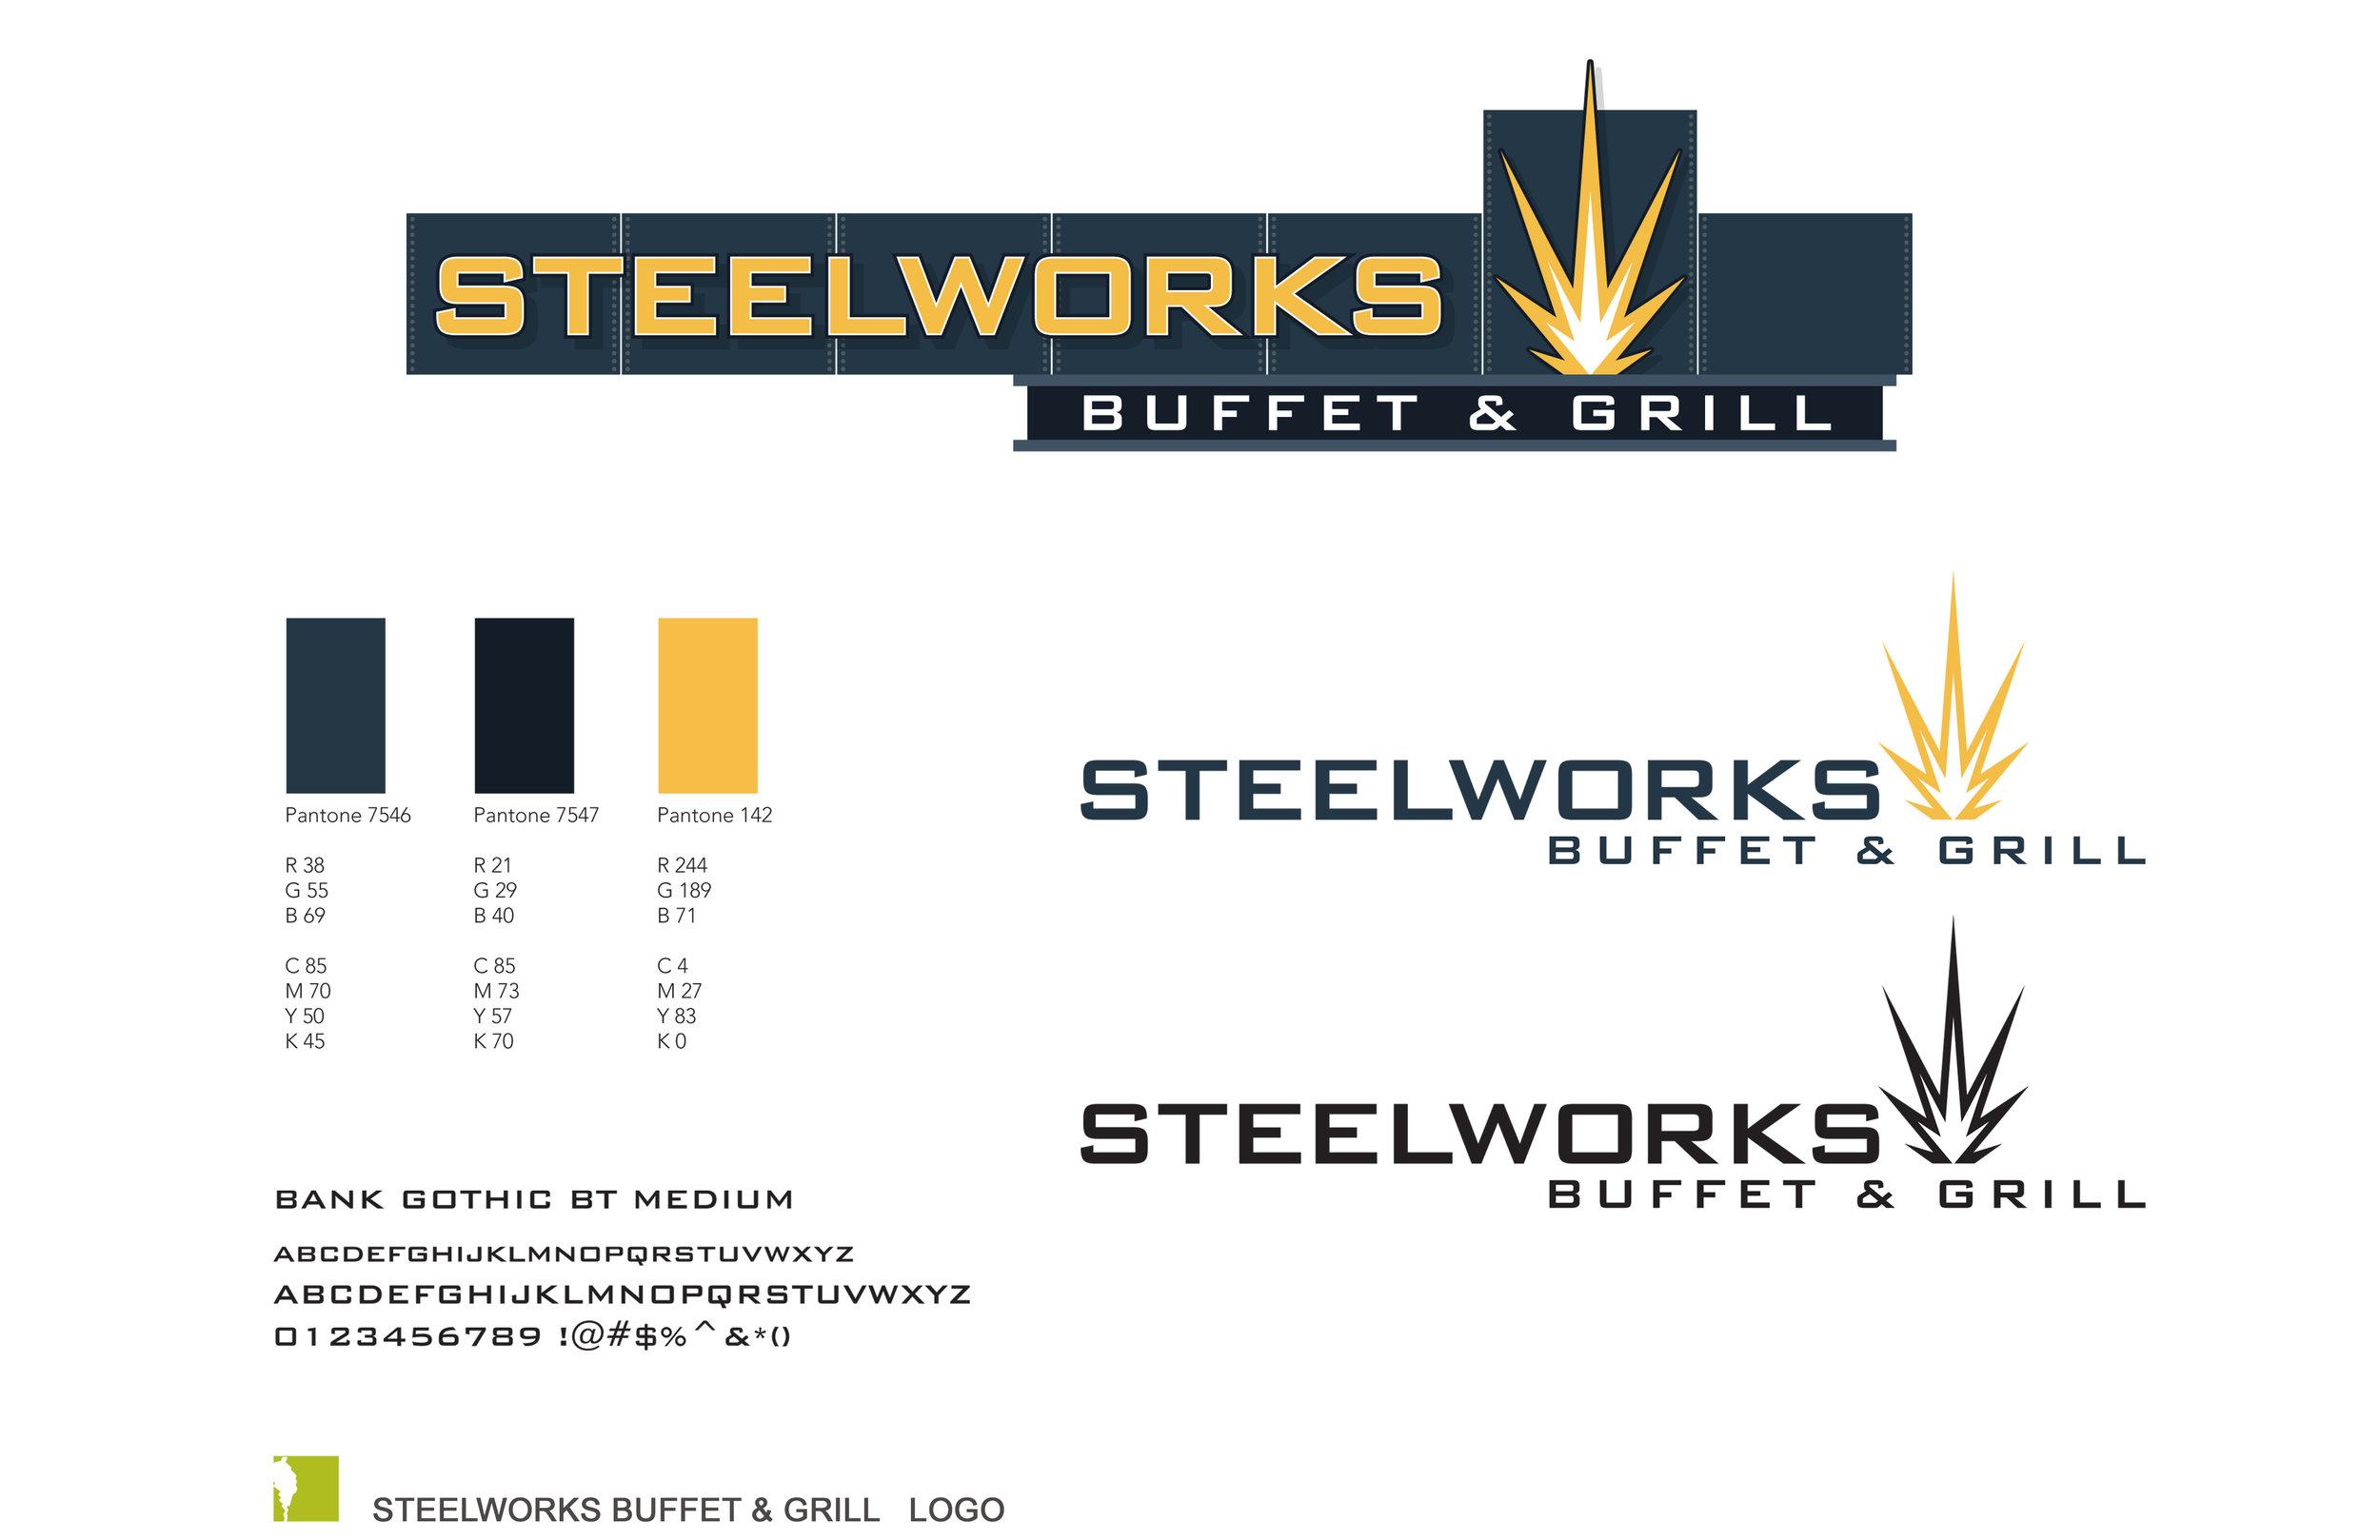 Steelworks.jpg